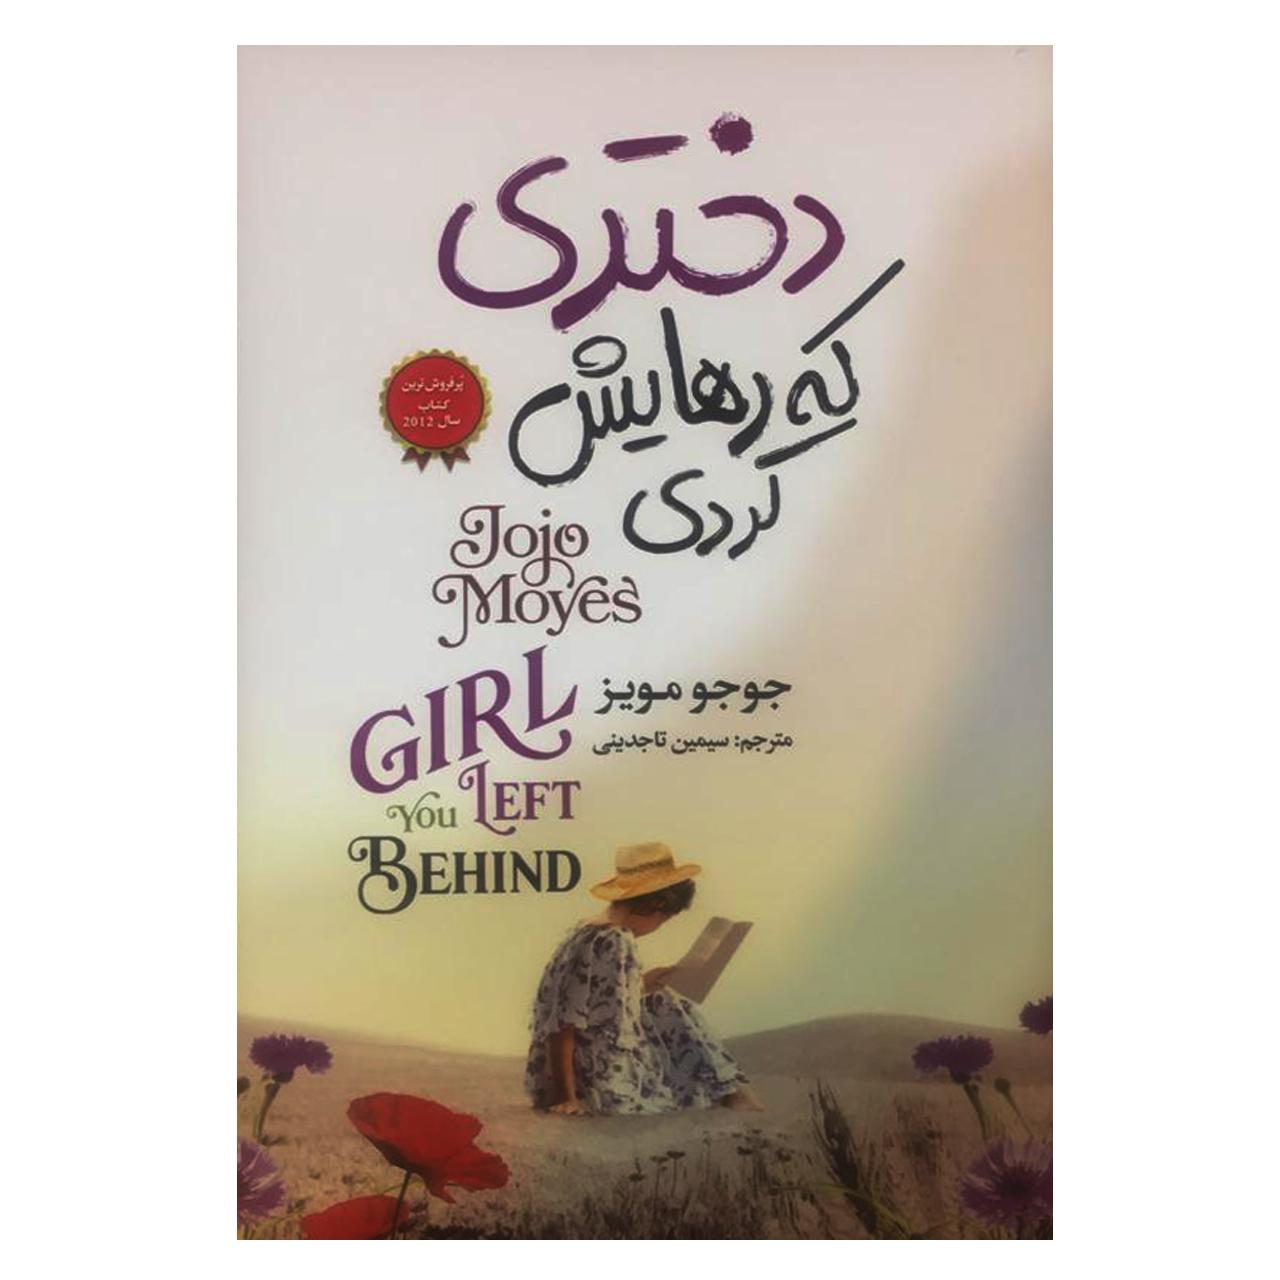 کتاب دختری که رهایش کردی اثر جوجو مویز انتشارات آتیسا